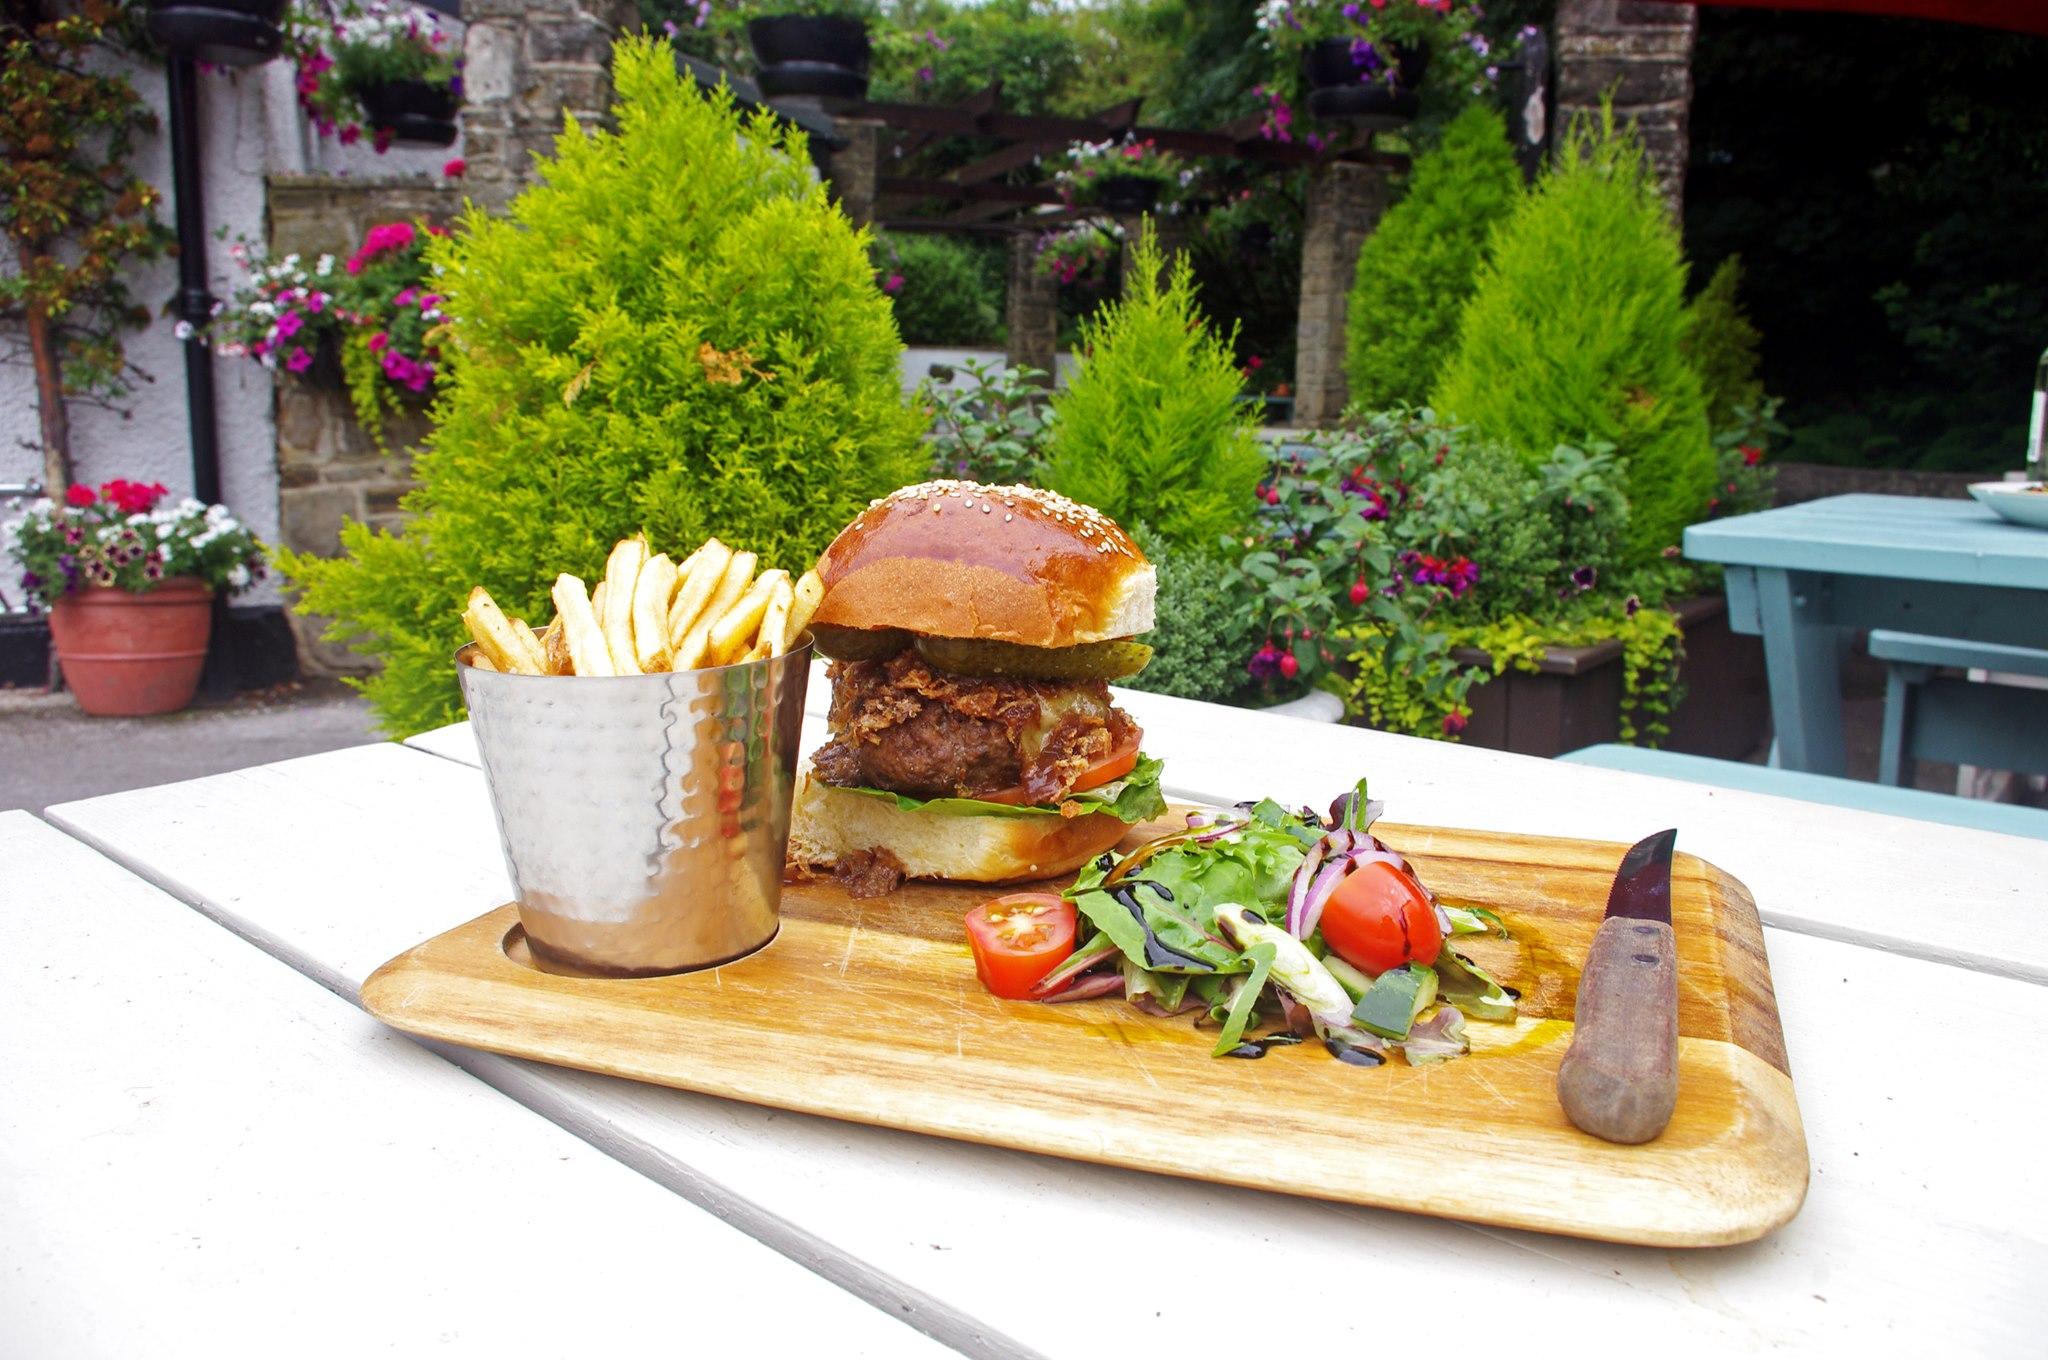 Burger in the beer garden